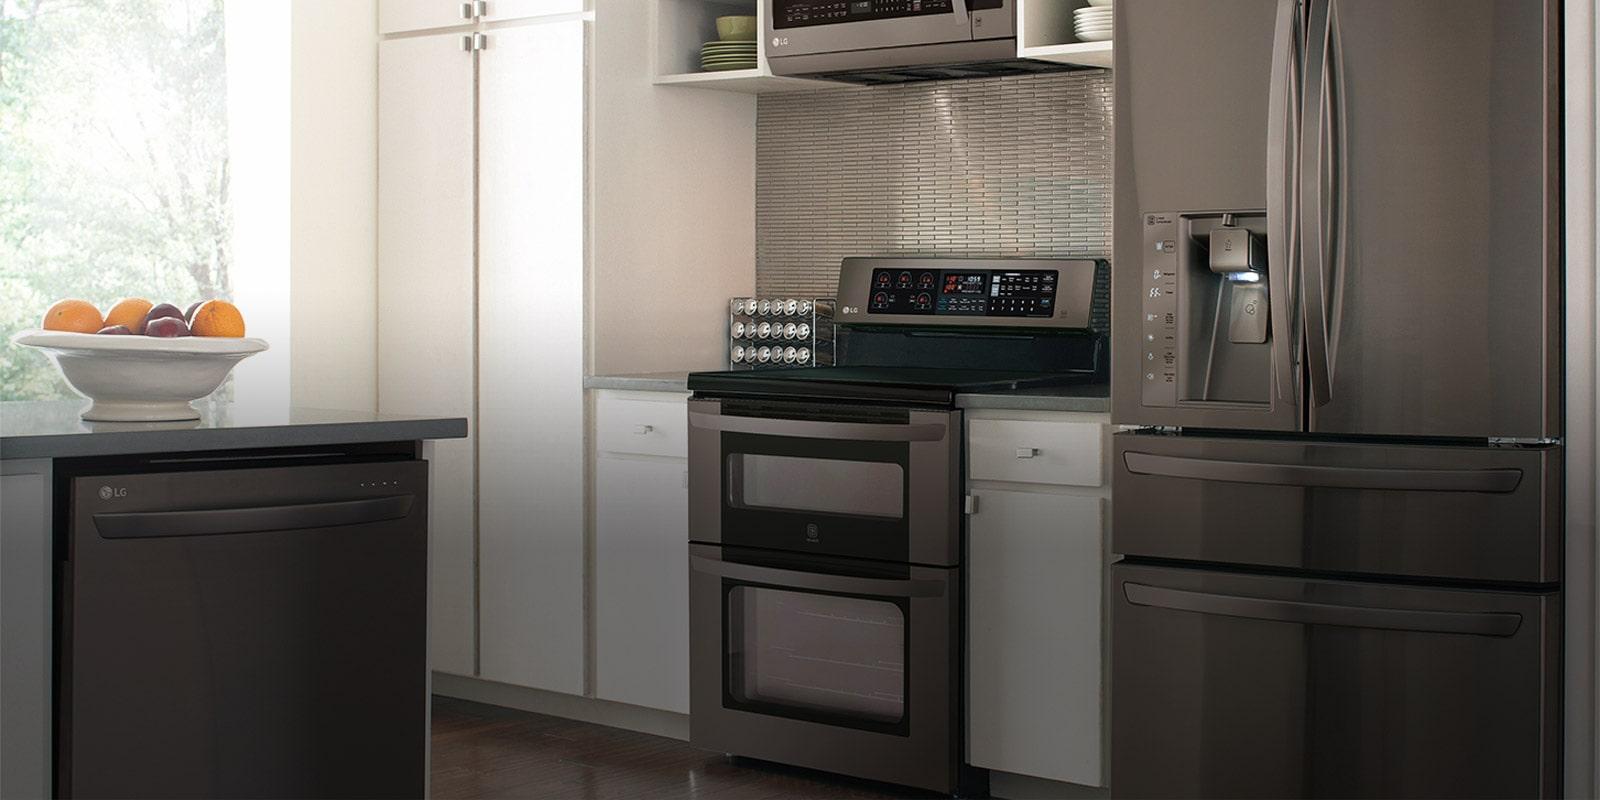 الميكروويف المدمج أدوات المطبخ إل جي الإمارات